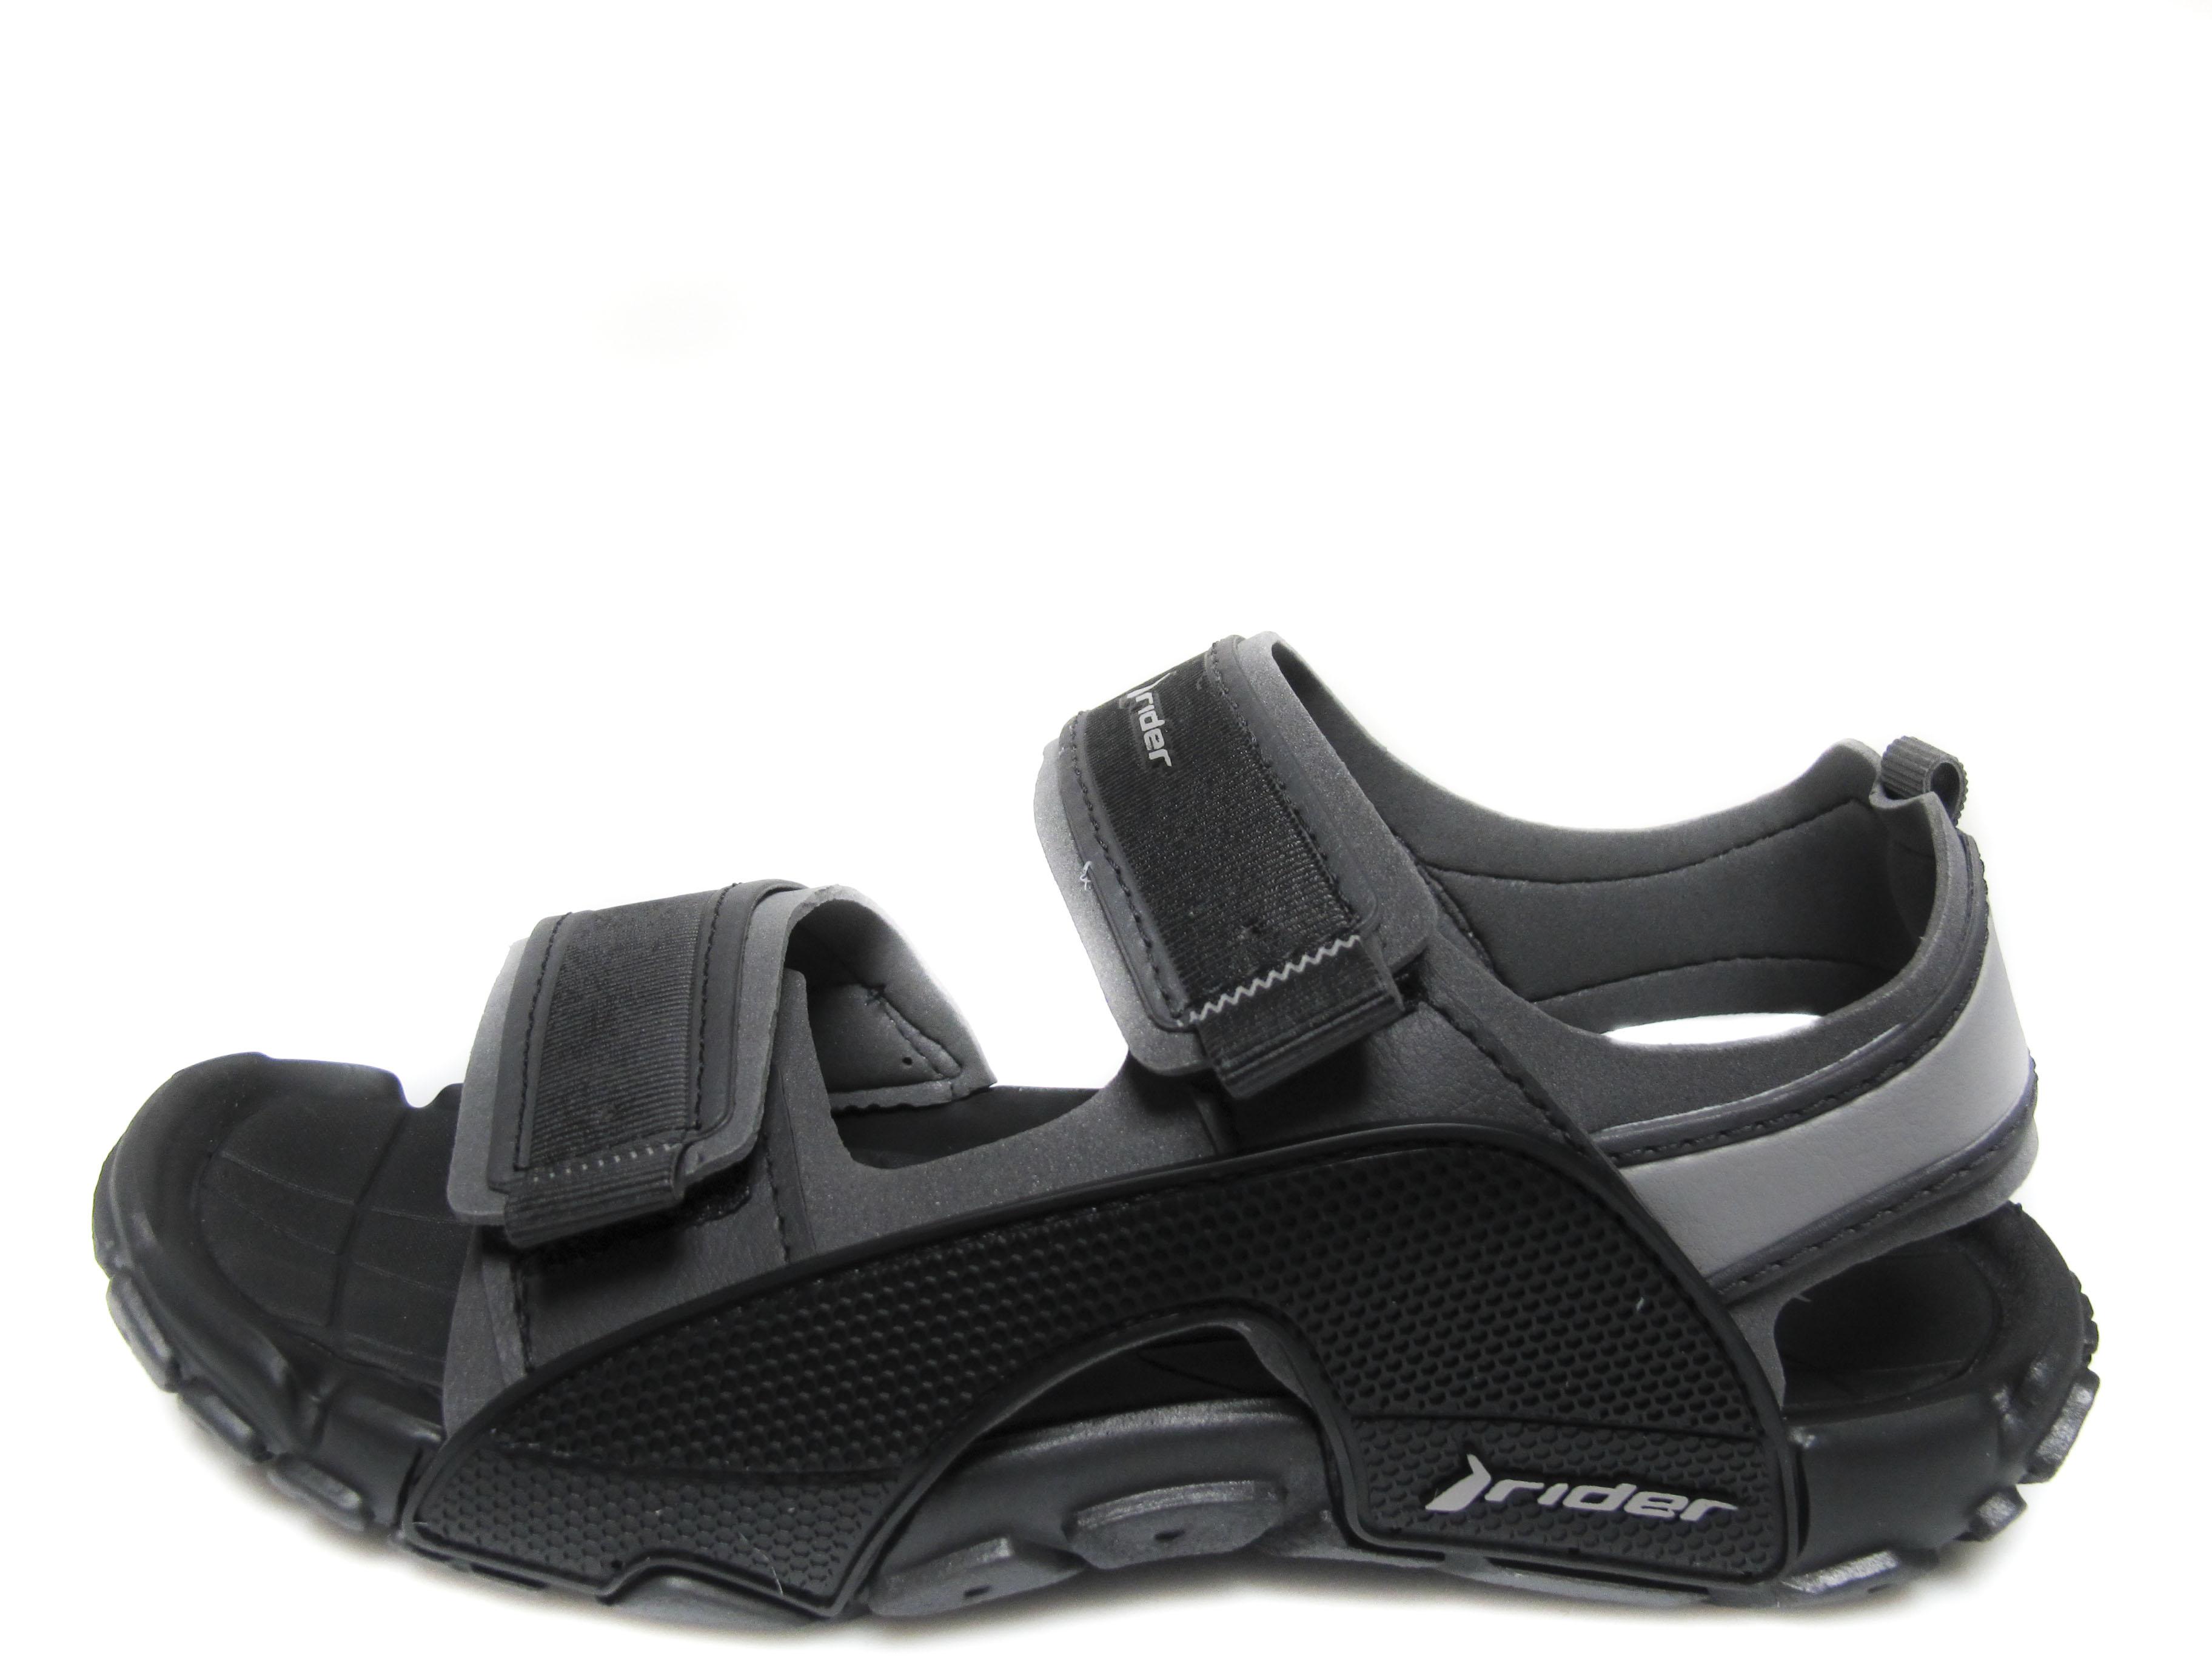 0f0f15db0b0 Мъжки сандали Rider силикони ликра черни 81149-21727 | Чехли и ...